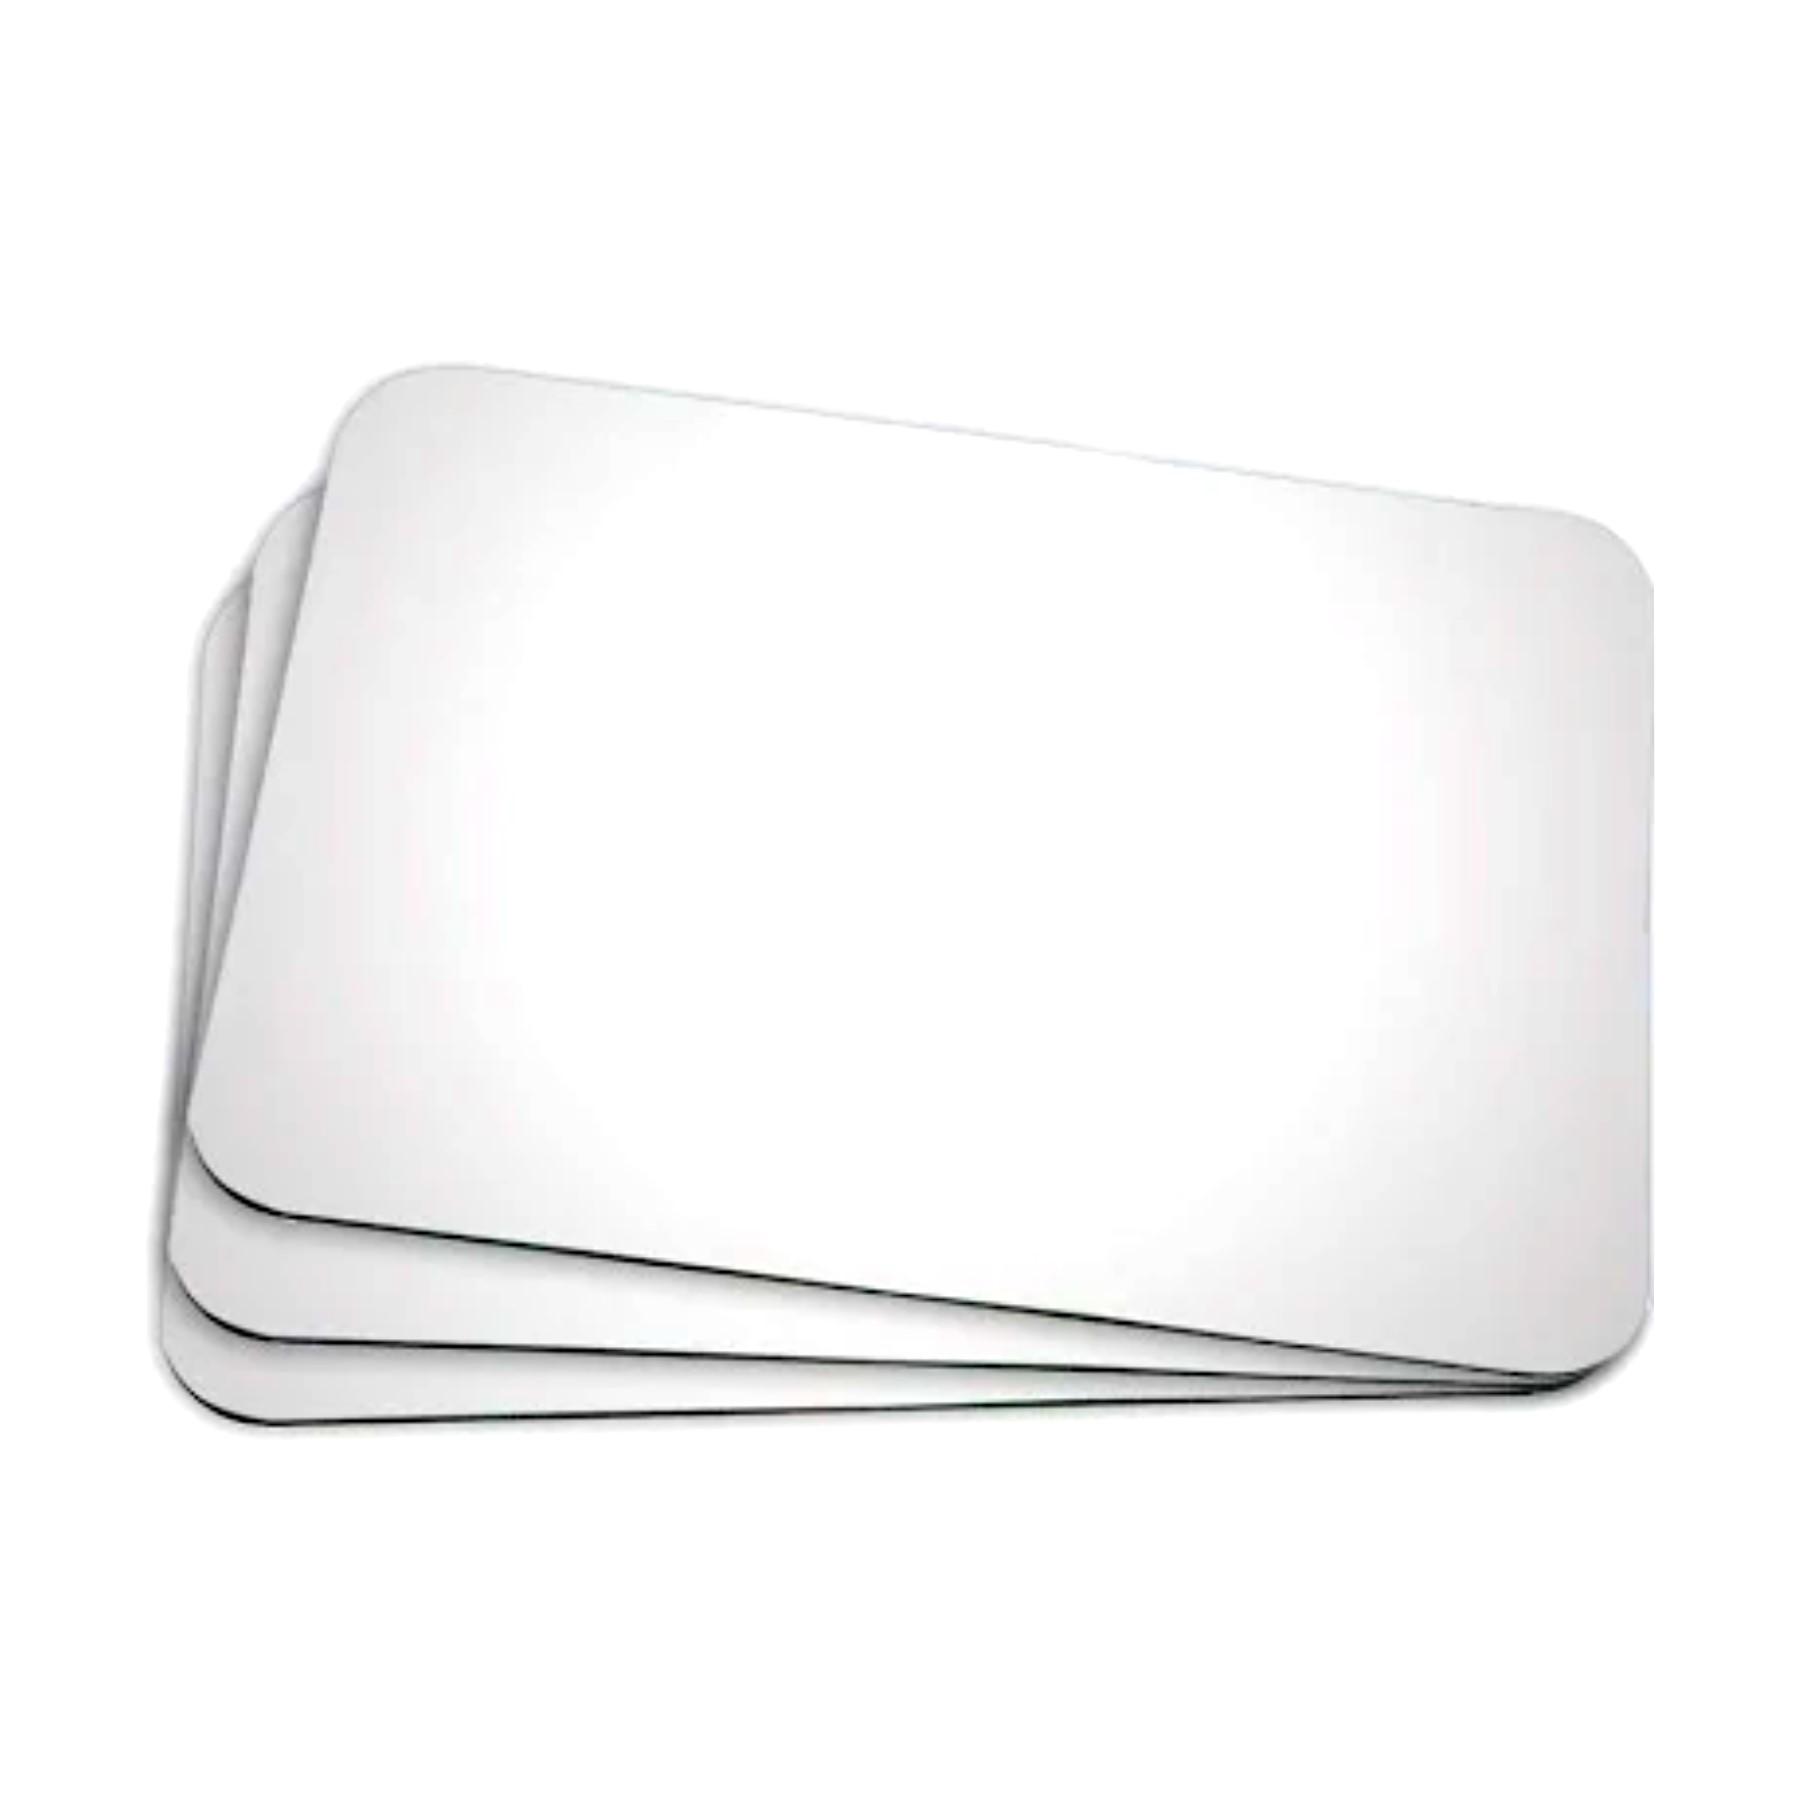 Mouse Pad sublimable 22 x 18 cm